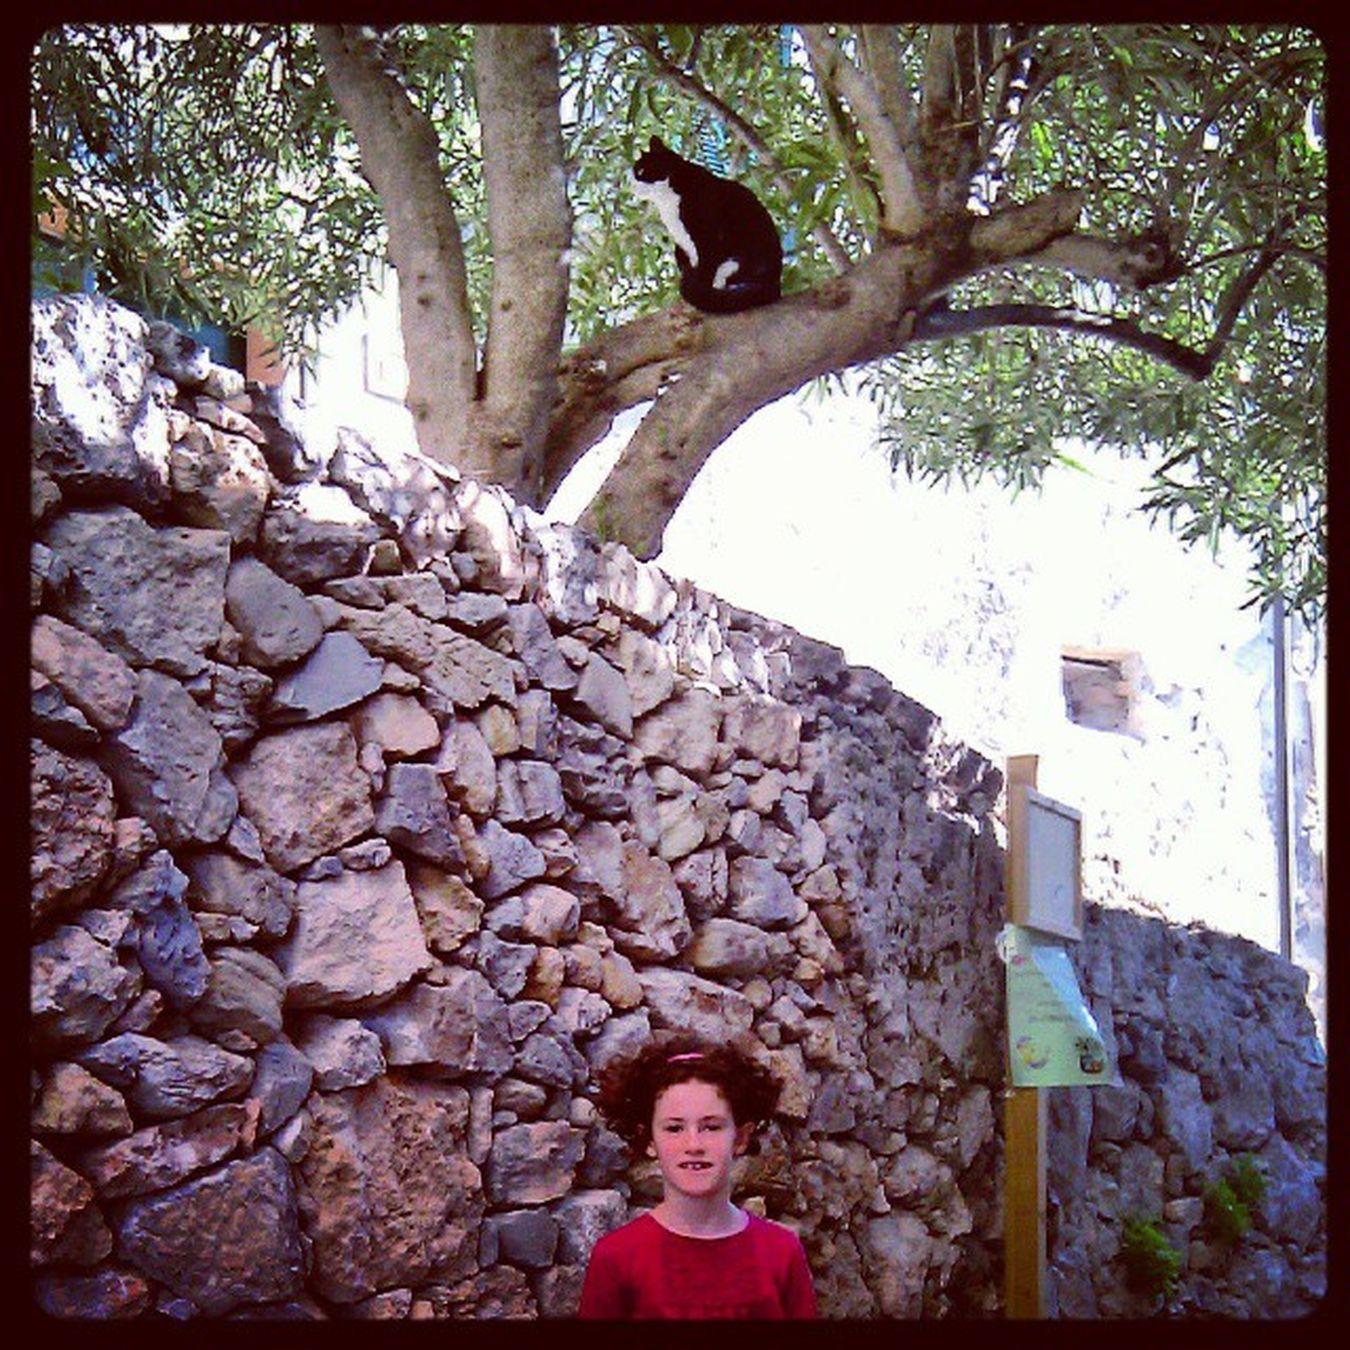 Cat Bewarethecat Daughter Verezzi borgo borgioverezzi Laura